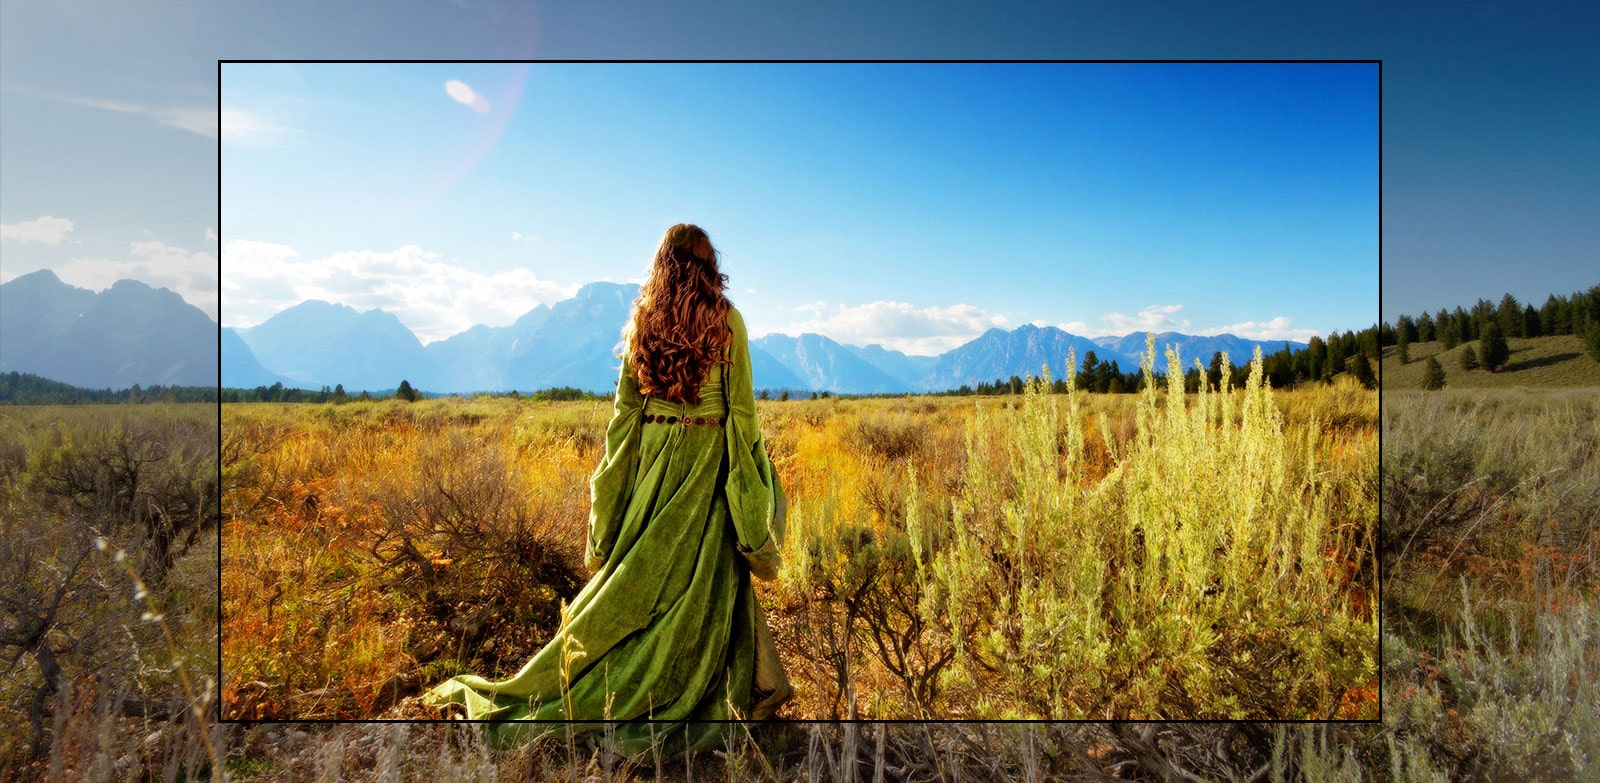 Layar TV menampilkan adegan film fantasi dengan seorang wanita berdiri di sebuah dataran menghadap pegunungan.